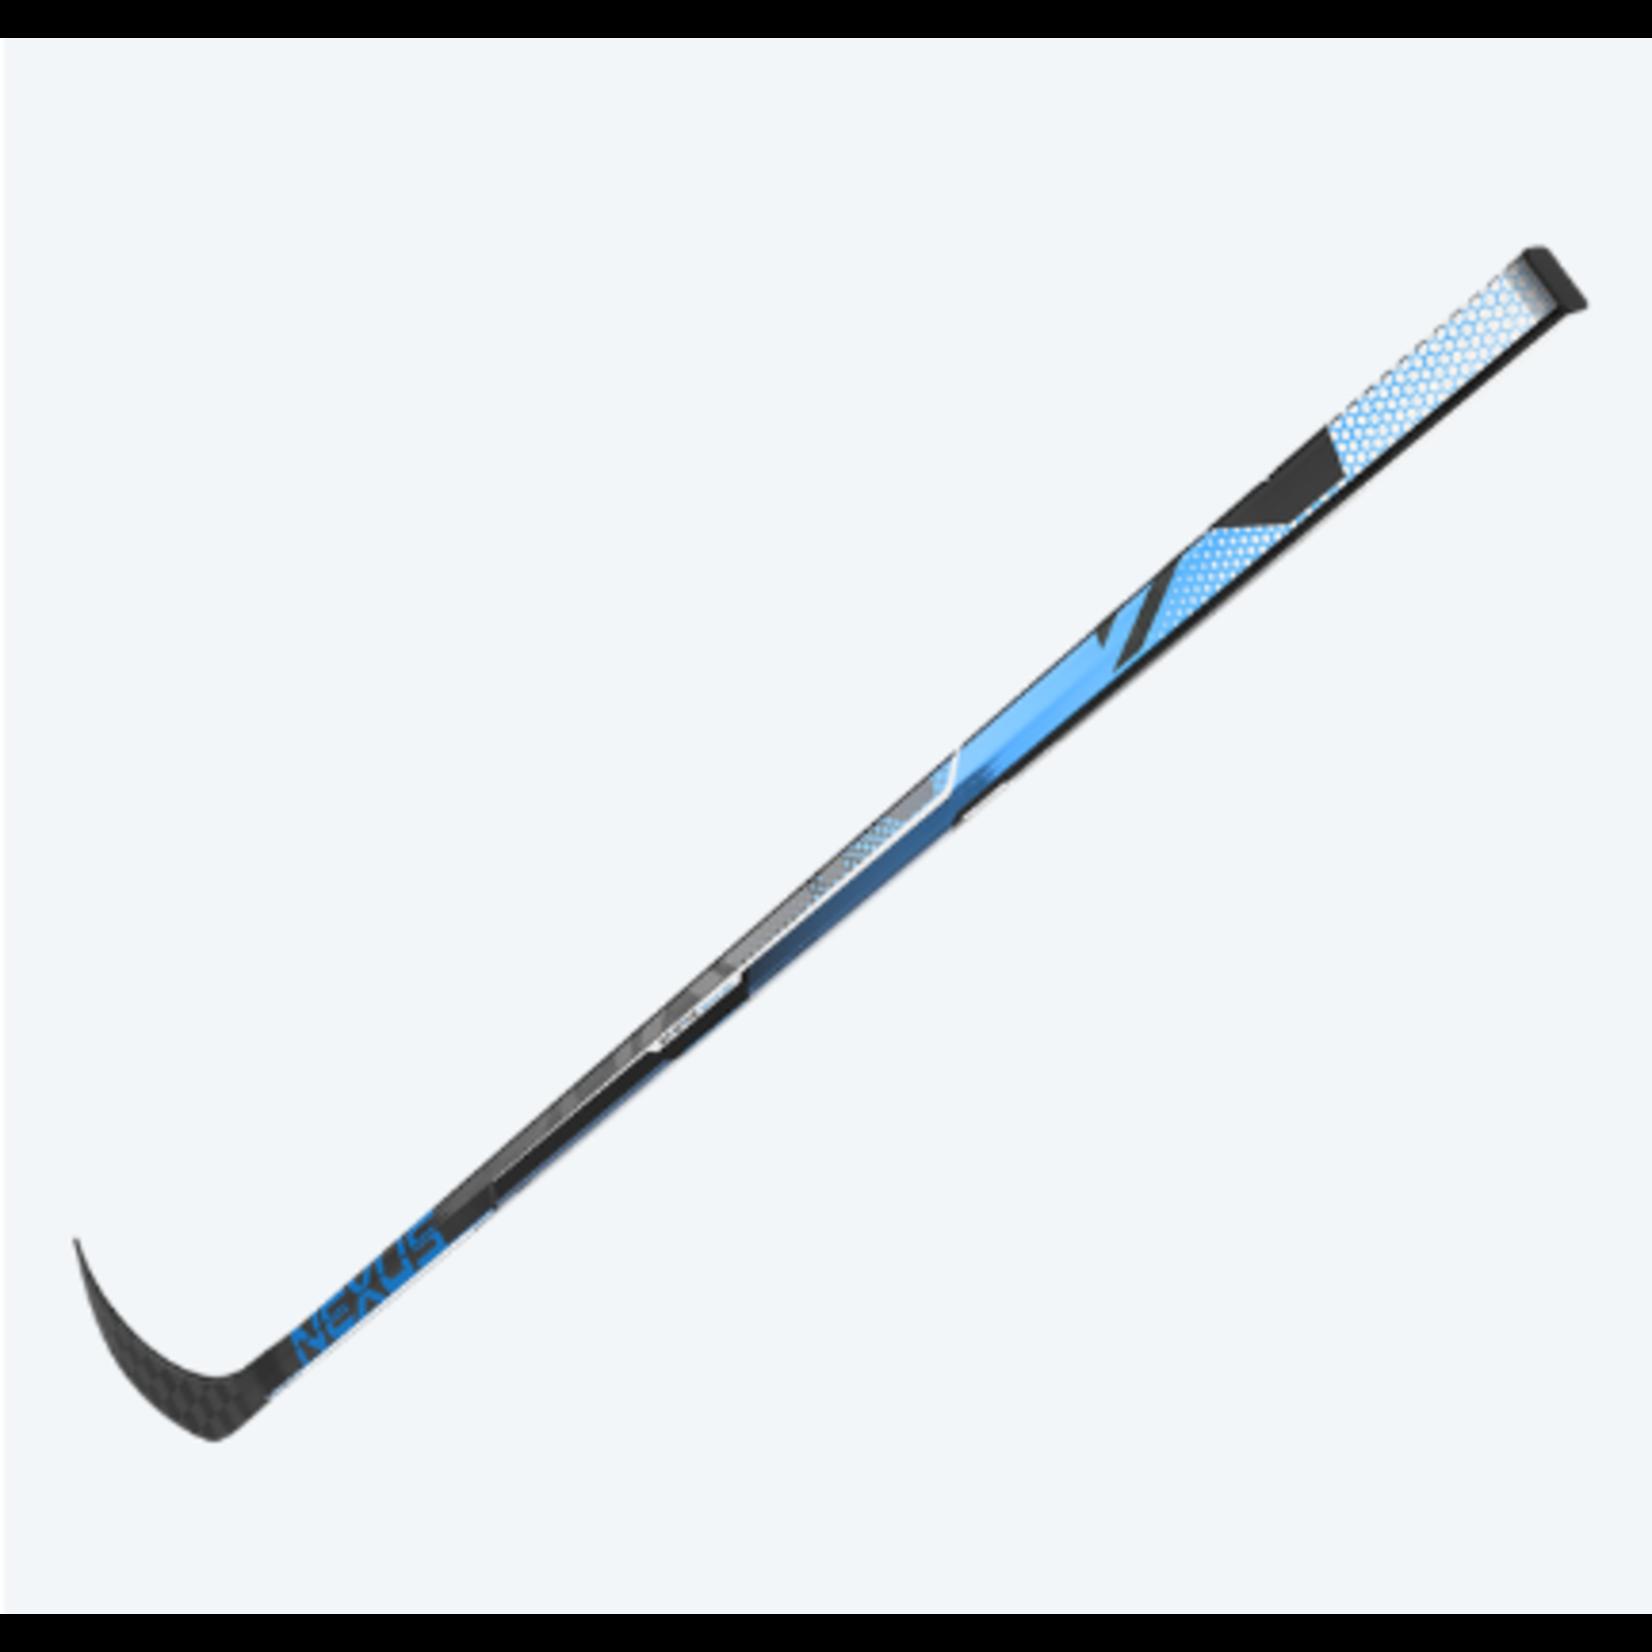 Bauer S21 Nexus 3N Pro Grip Stick Sr - 77